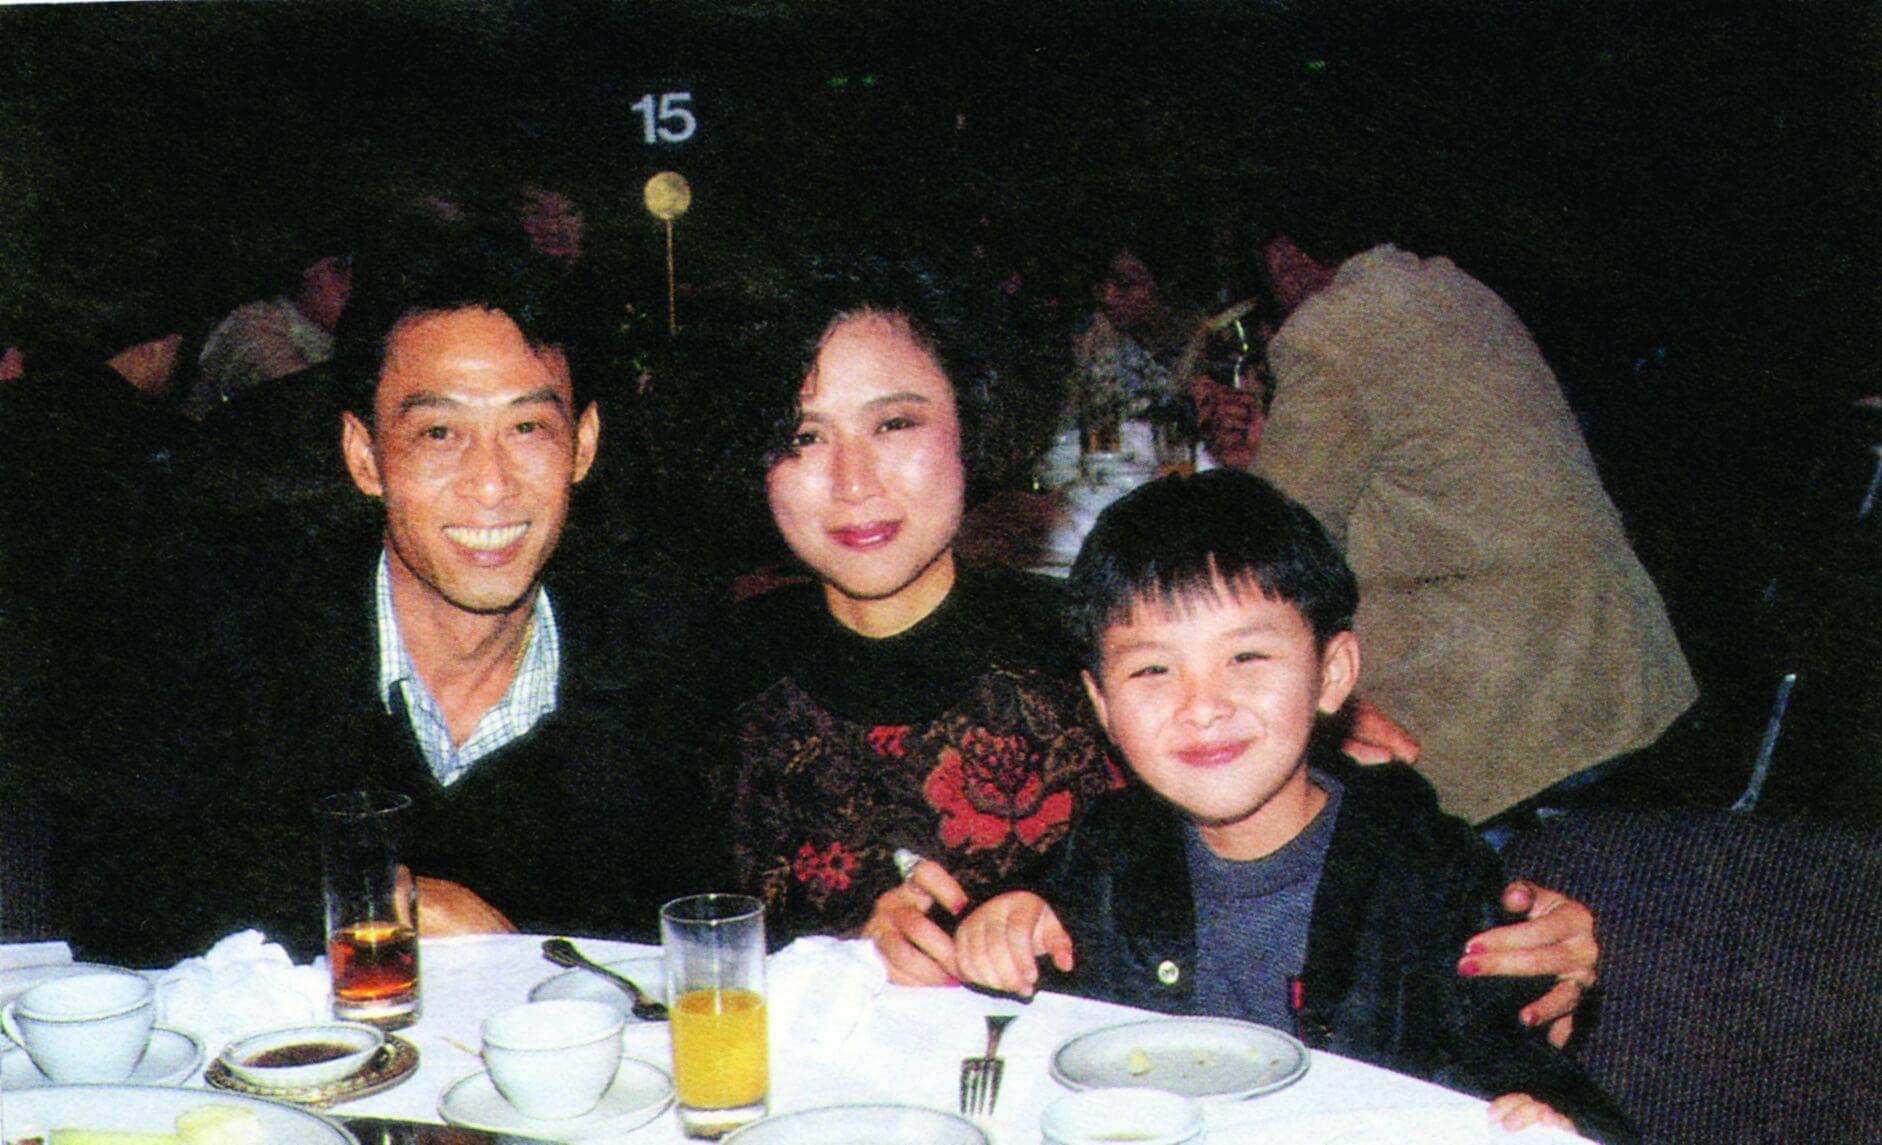 黃樹棠早年有一段婚姻,前妻病逝後, 他現在和兒子共同生活。